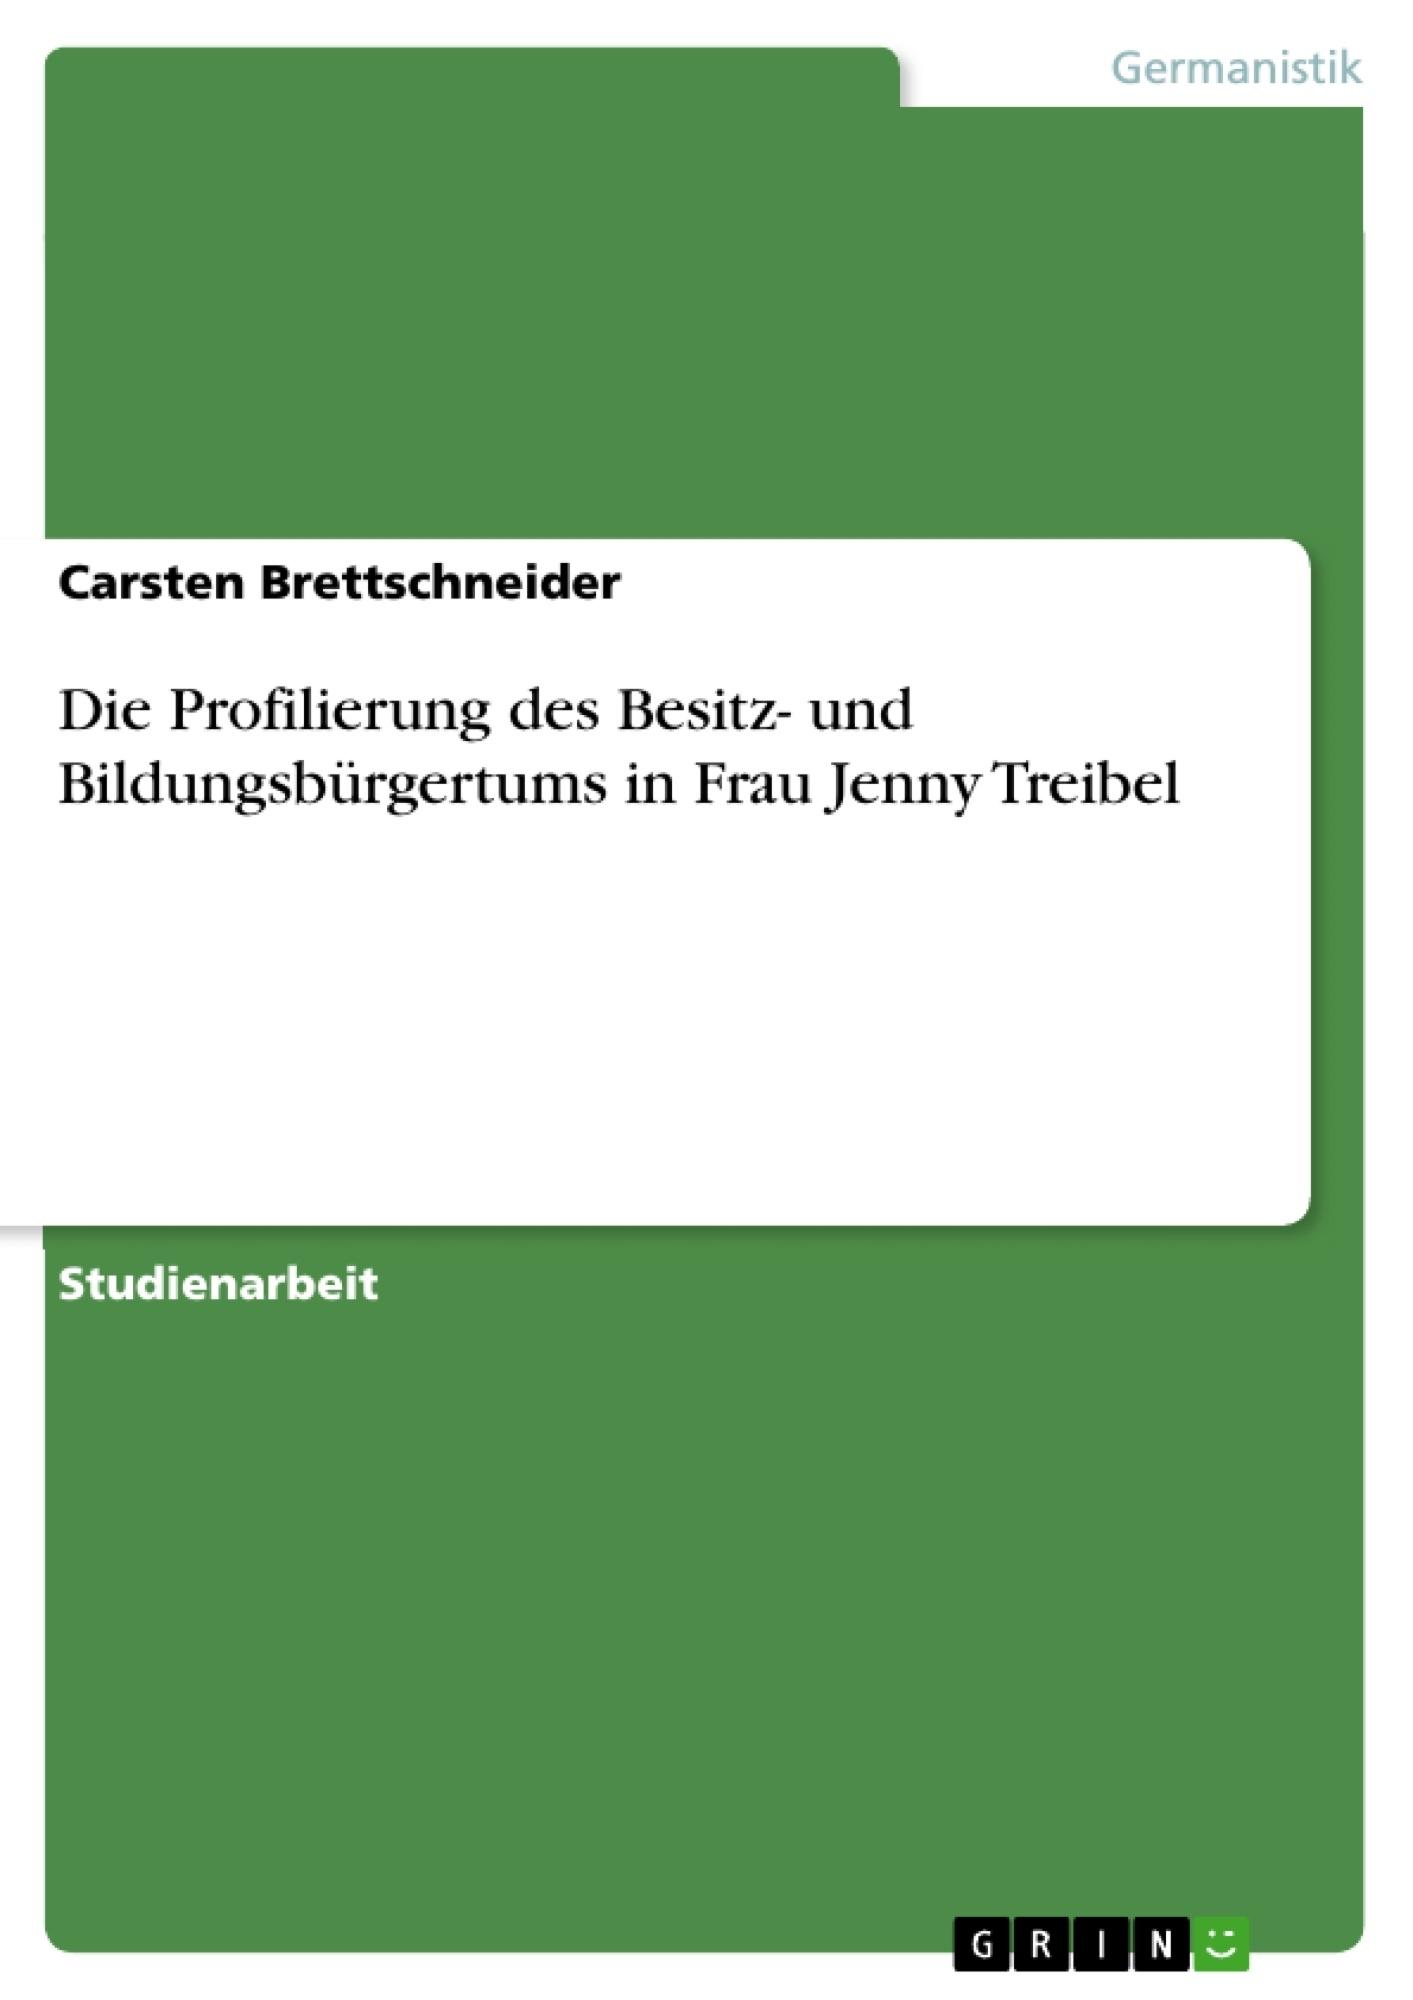 Titel: Die Profilierung des Besitz- und Bildungsbürgertums in Frau Jenny Treibel